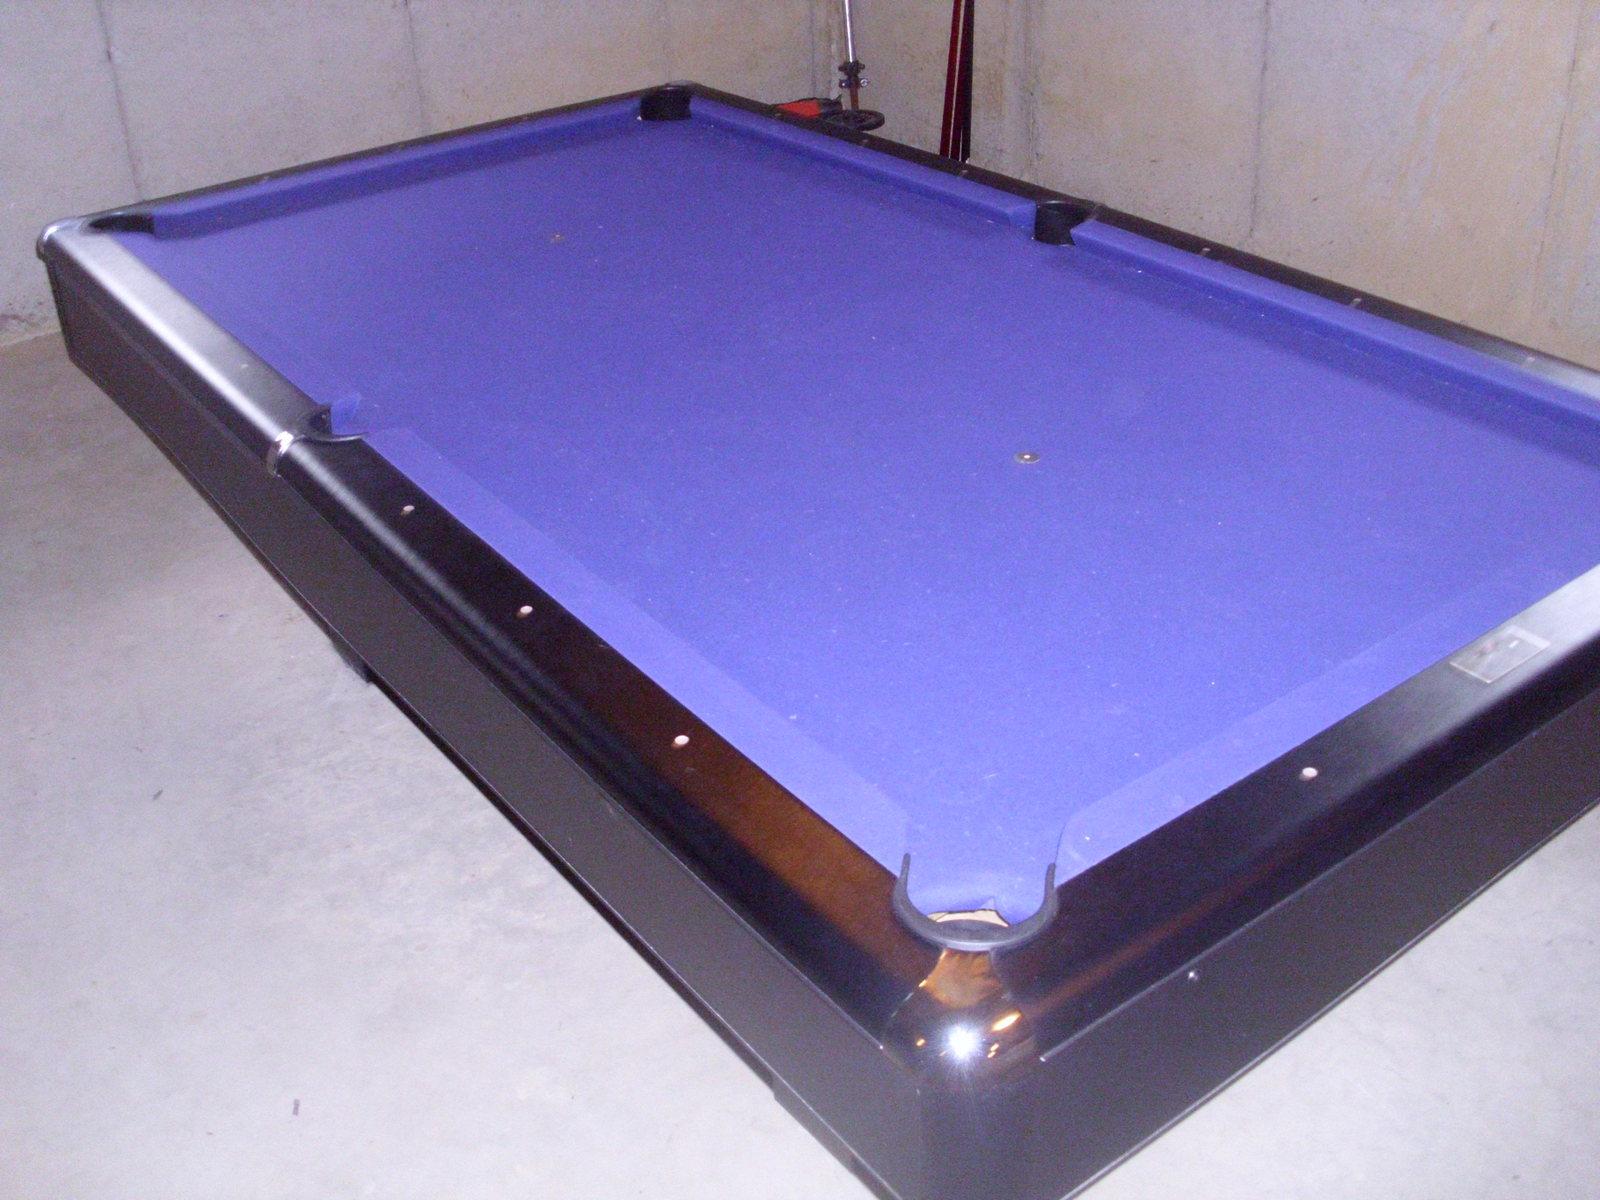 Slate pool table tables - Slate pool table ...